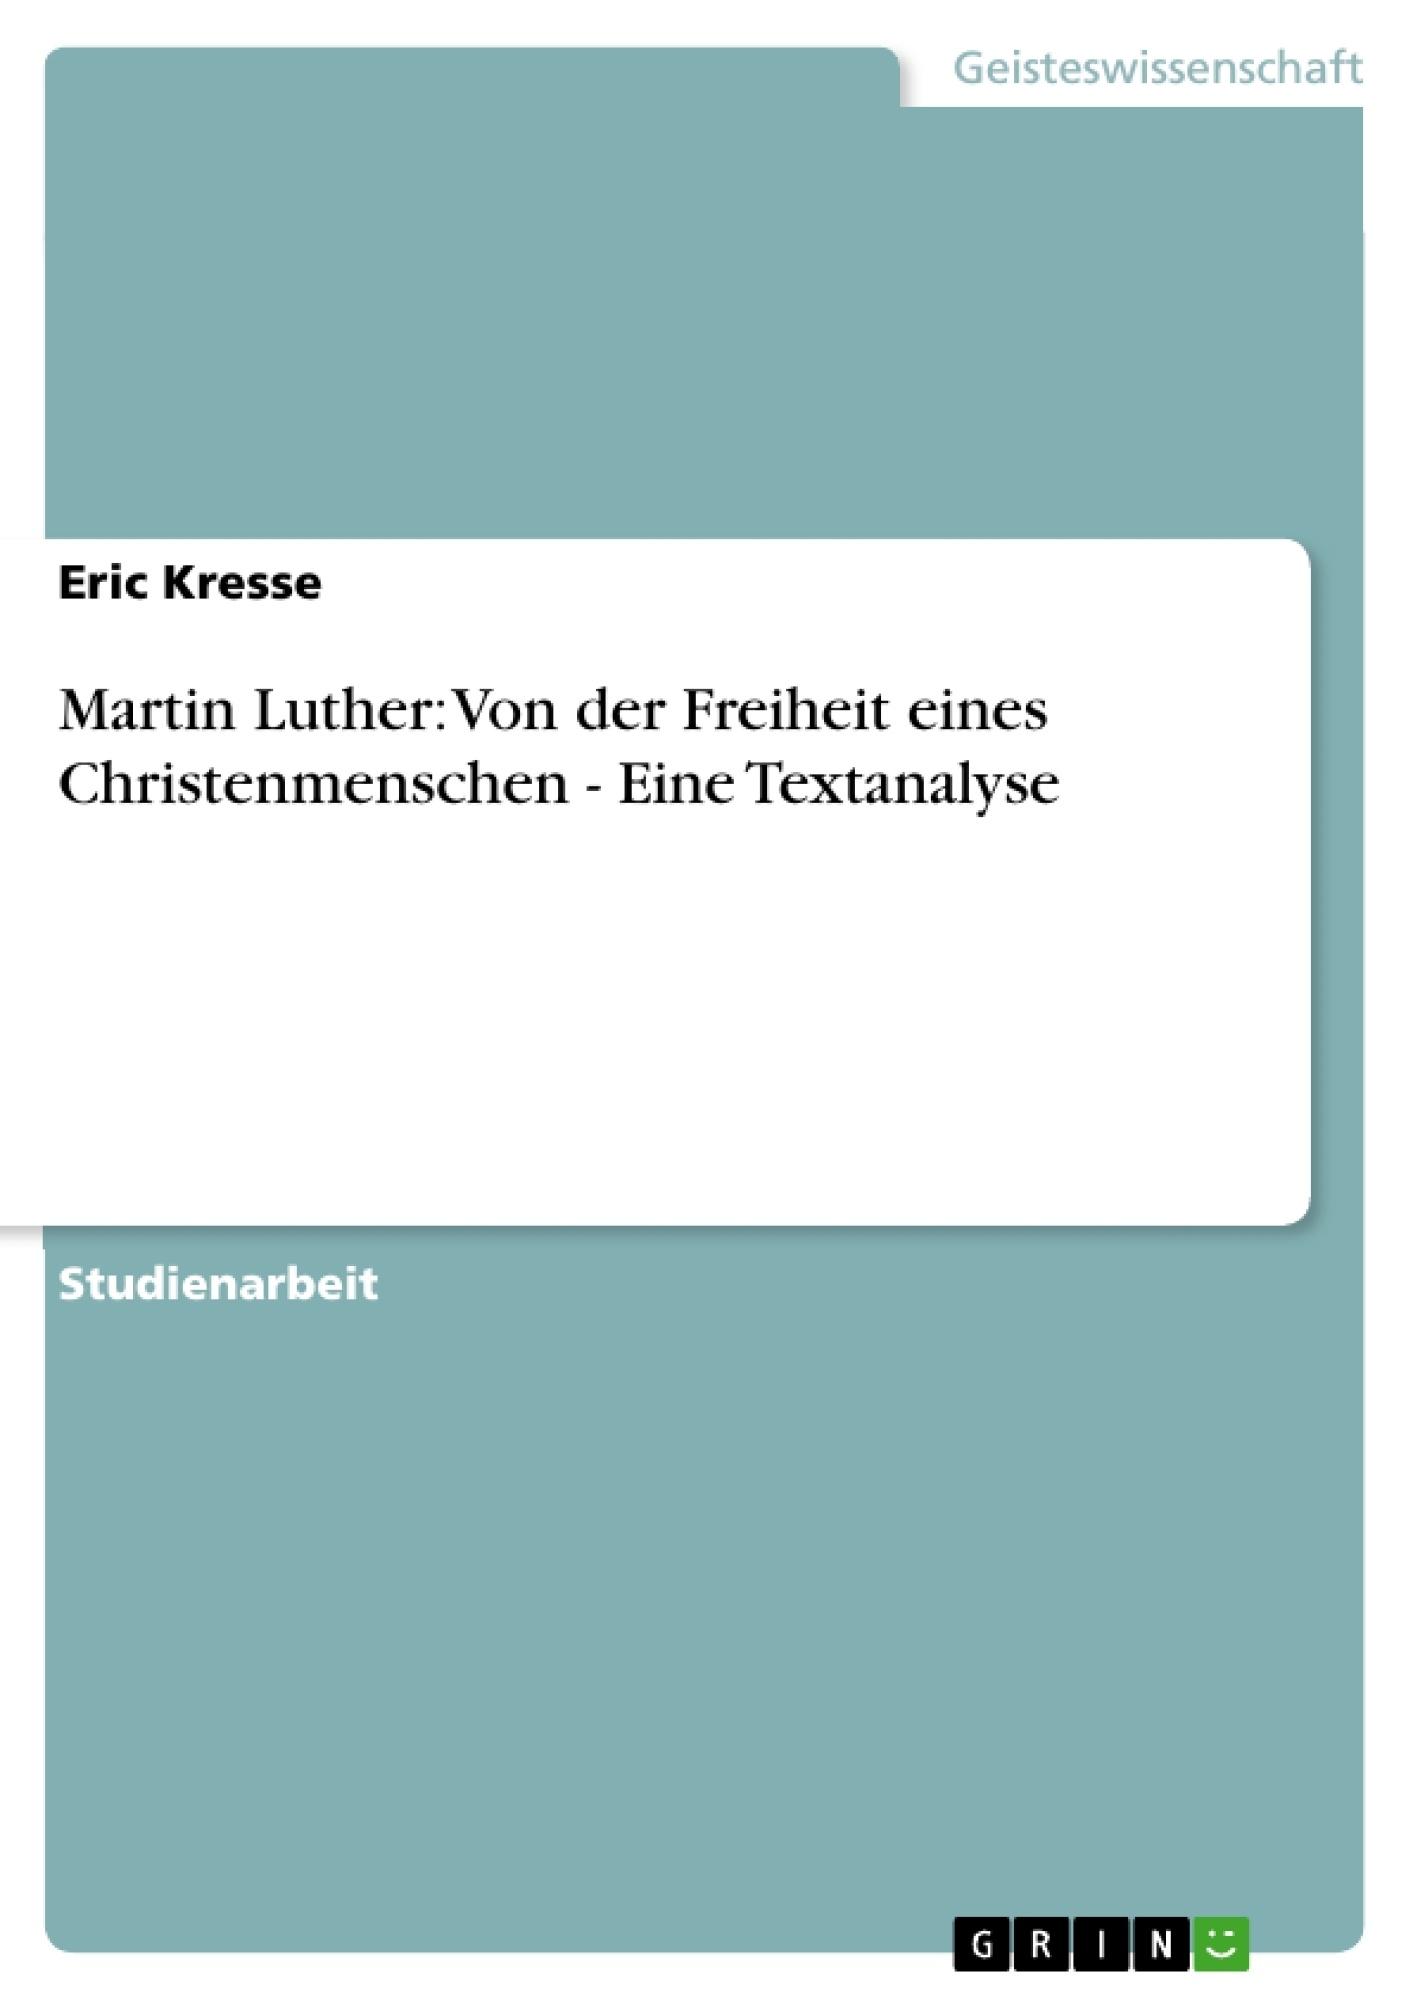 Titel: Martin Luther: Von der Freiheit eines Christenmenschen - Eine Textanalyse